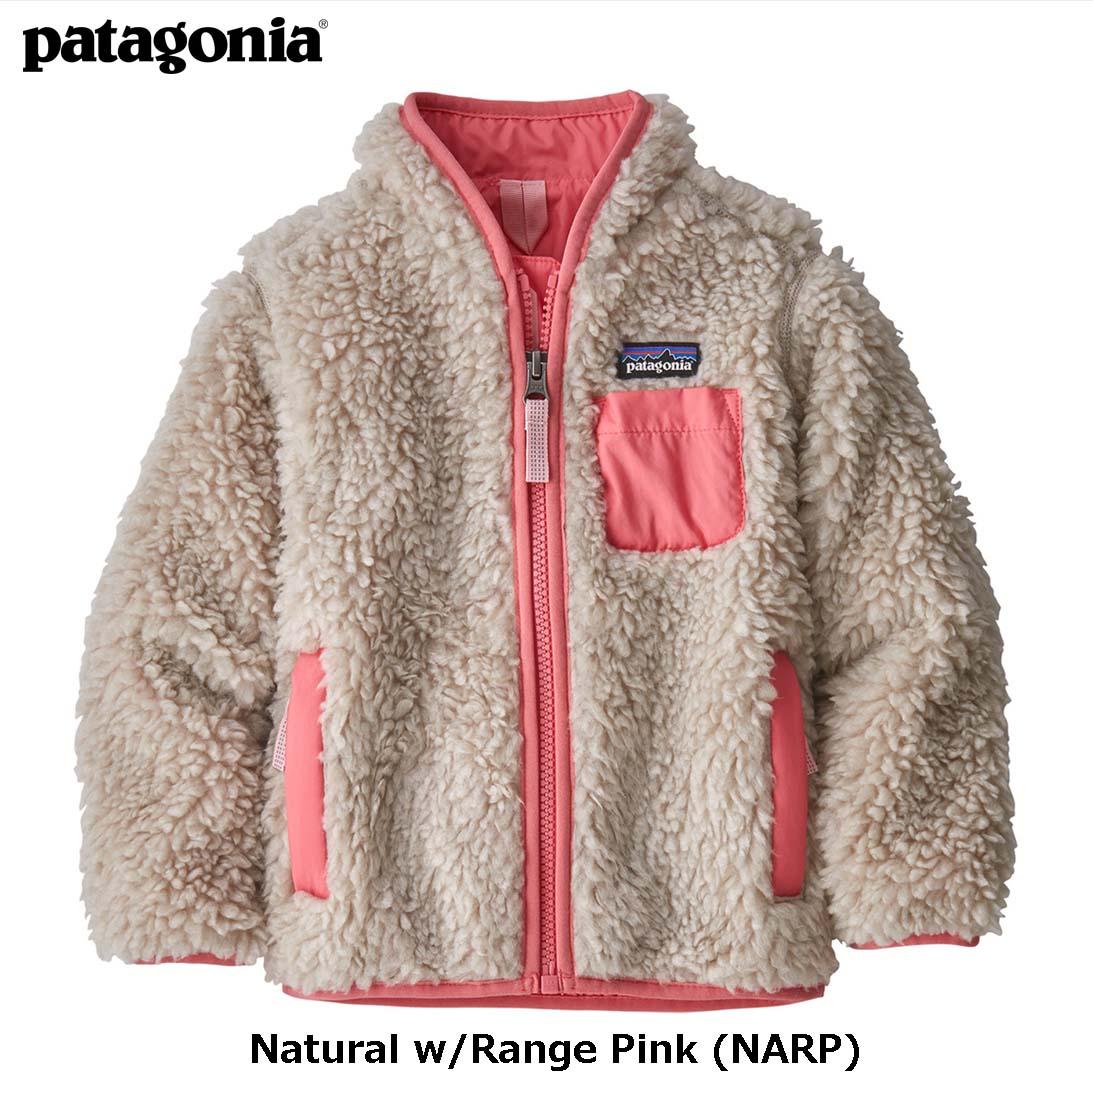 ベビー・レトロX・ジャケット 2019モデル Natural w/Range Pink (NARP) / 【patagonia パタゴニア】 61025